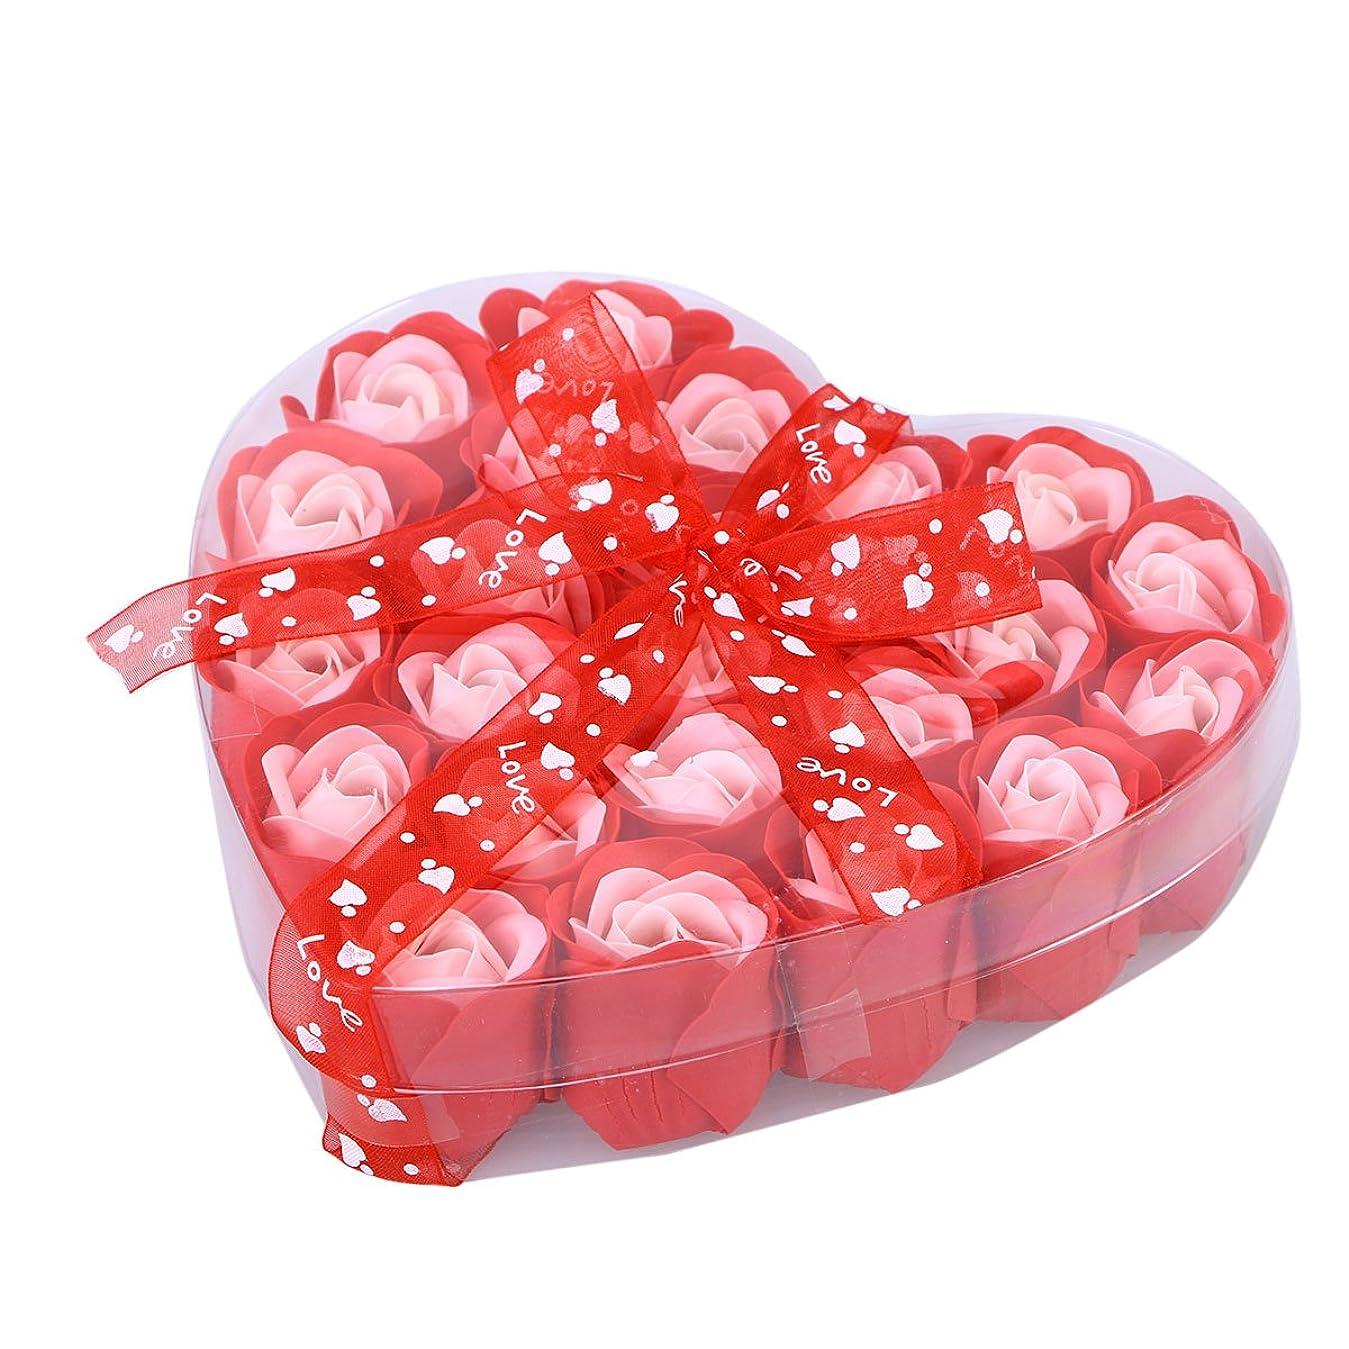 尾石灰岩足Frcolor 香り付きバスソープ ハートボックスにバラ形のソープ 飾り物 ギフト 24個入